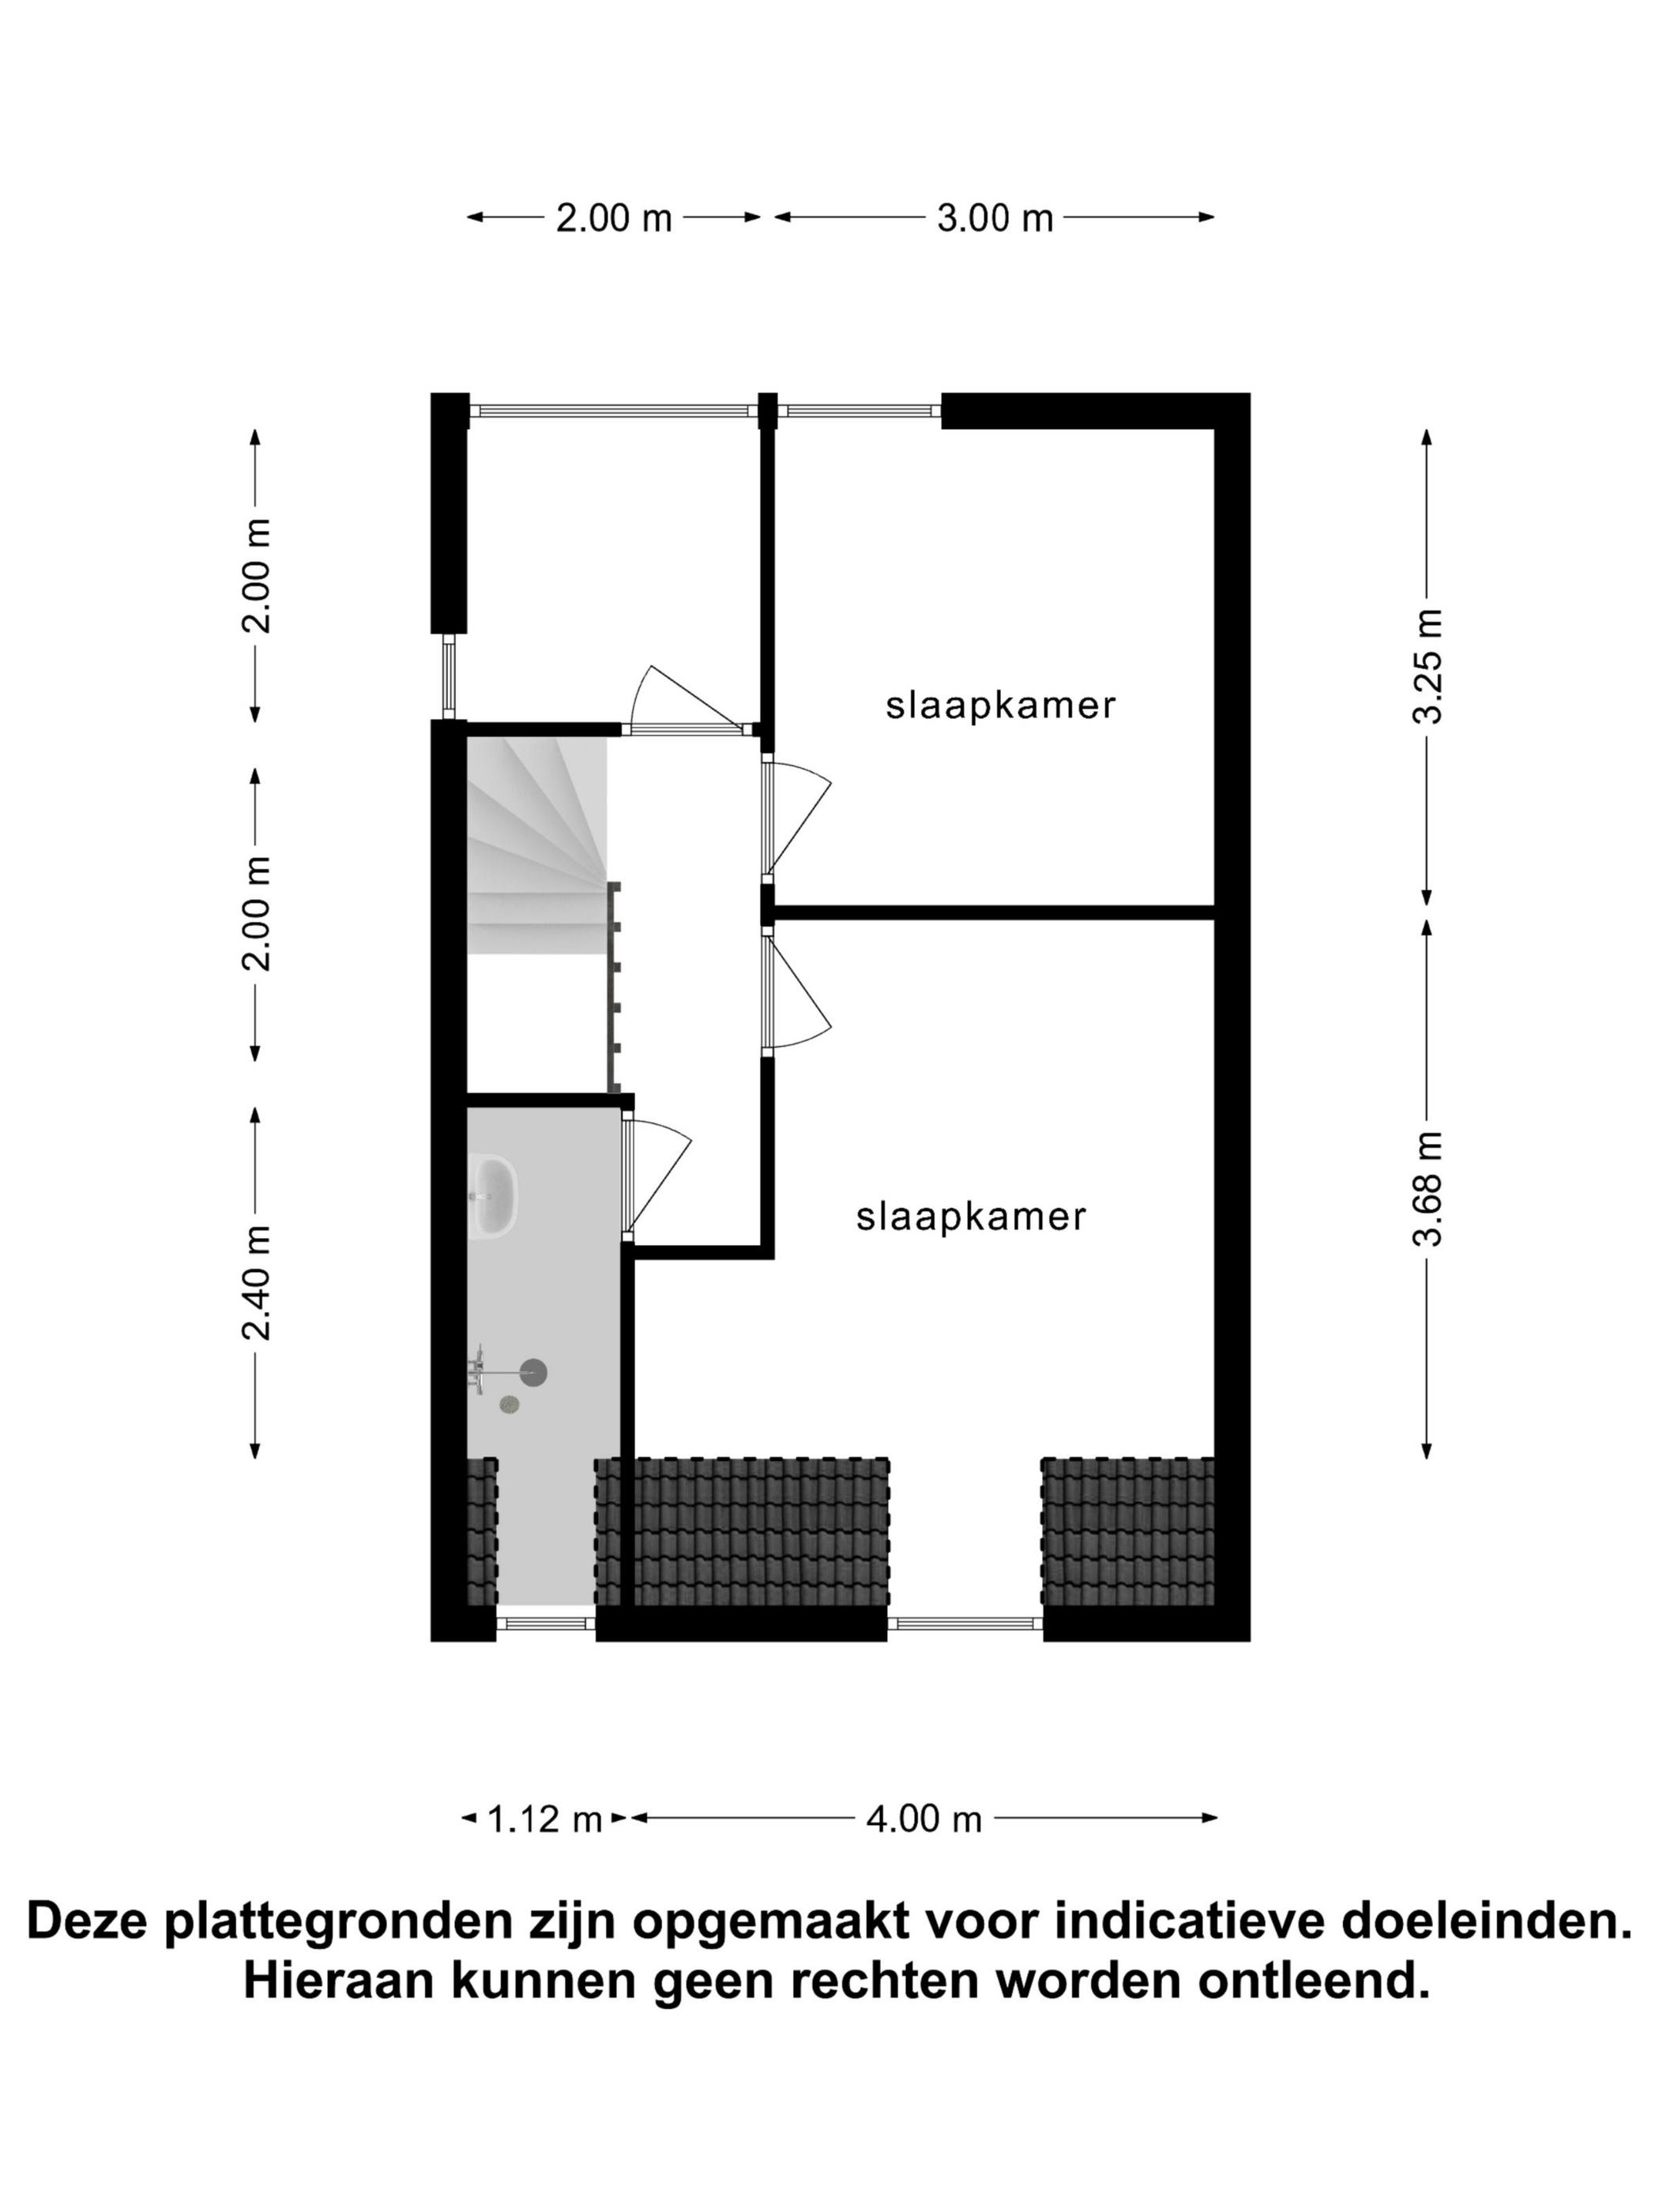 wartenterp-12-abbega-plattegrond-81